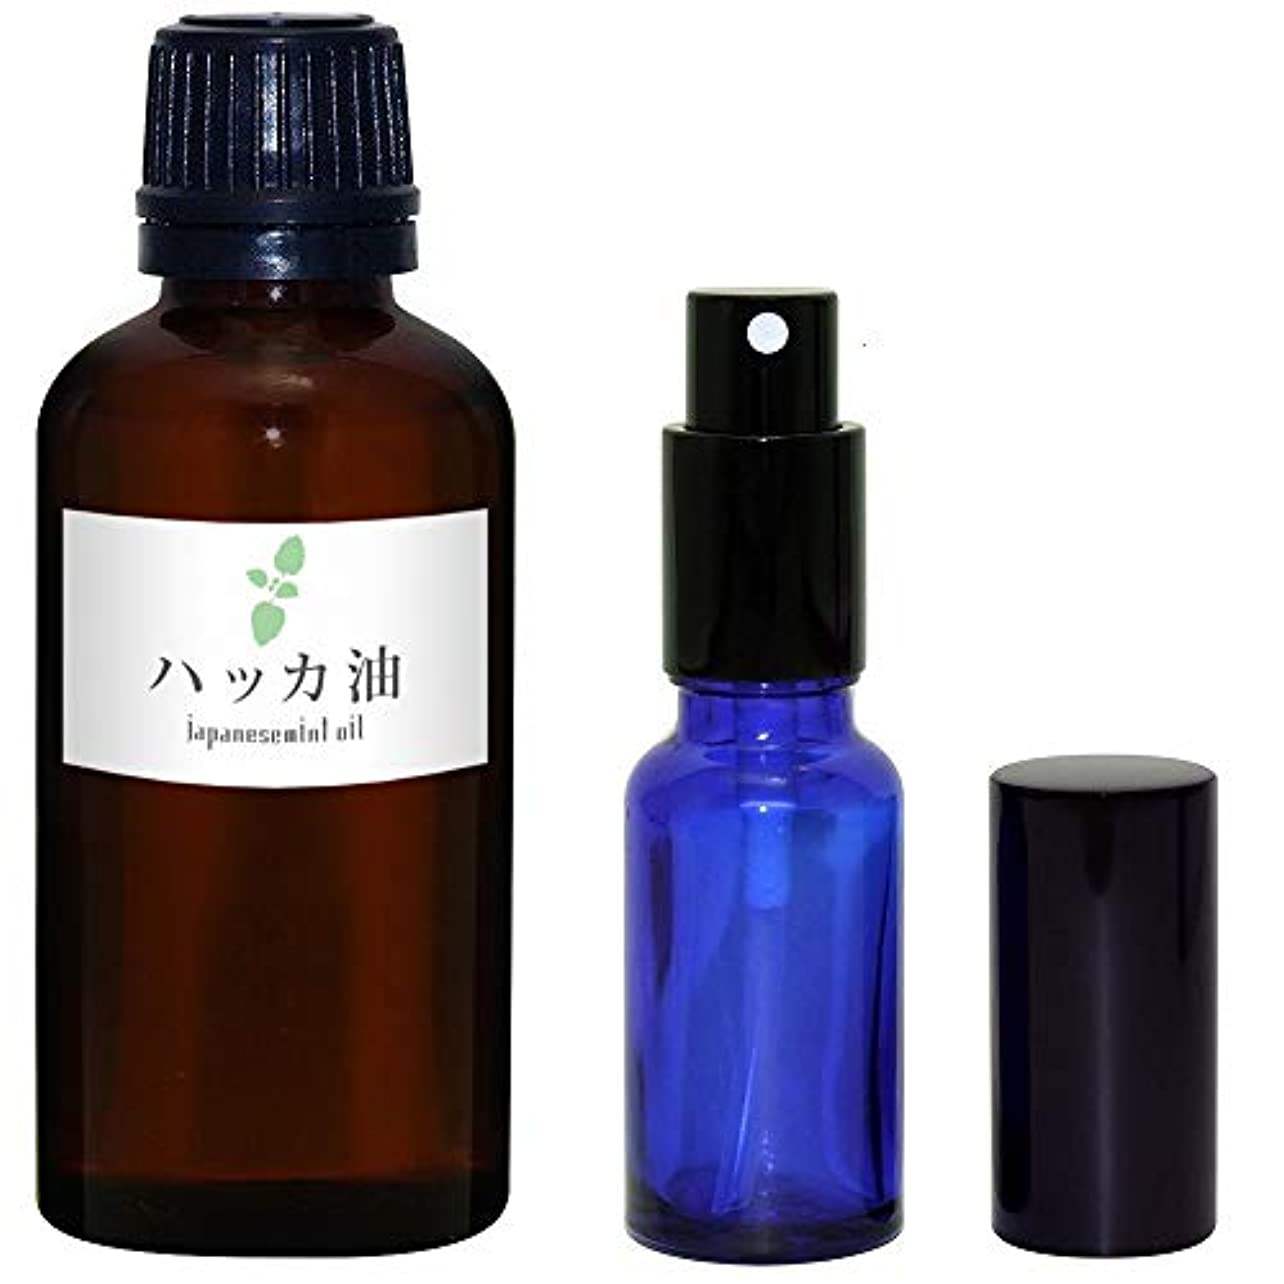 添加剤スペシャリスト熟考するガレージ?ゼロ ハッカ油 50ml(GZAK15)+ガラス瓶 スプレーボトル20ml/和種薄荷/ジャパニーズミント GSE535